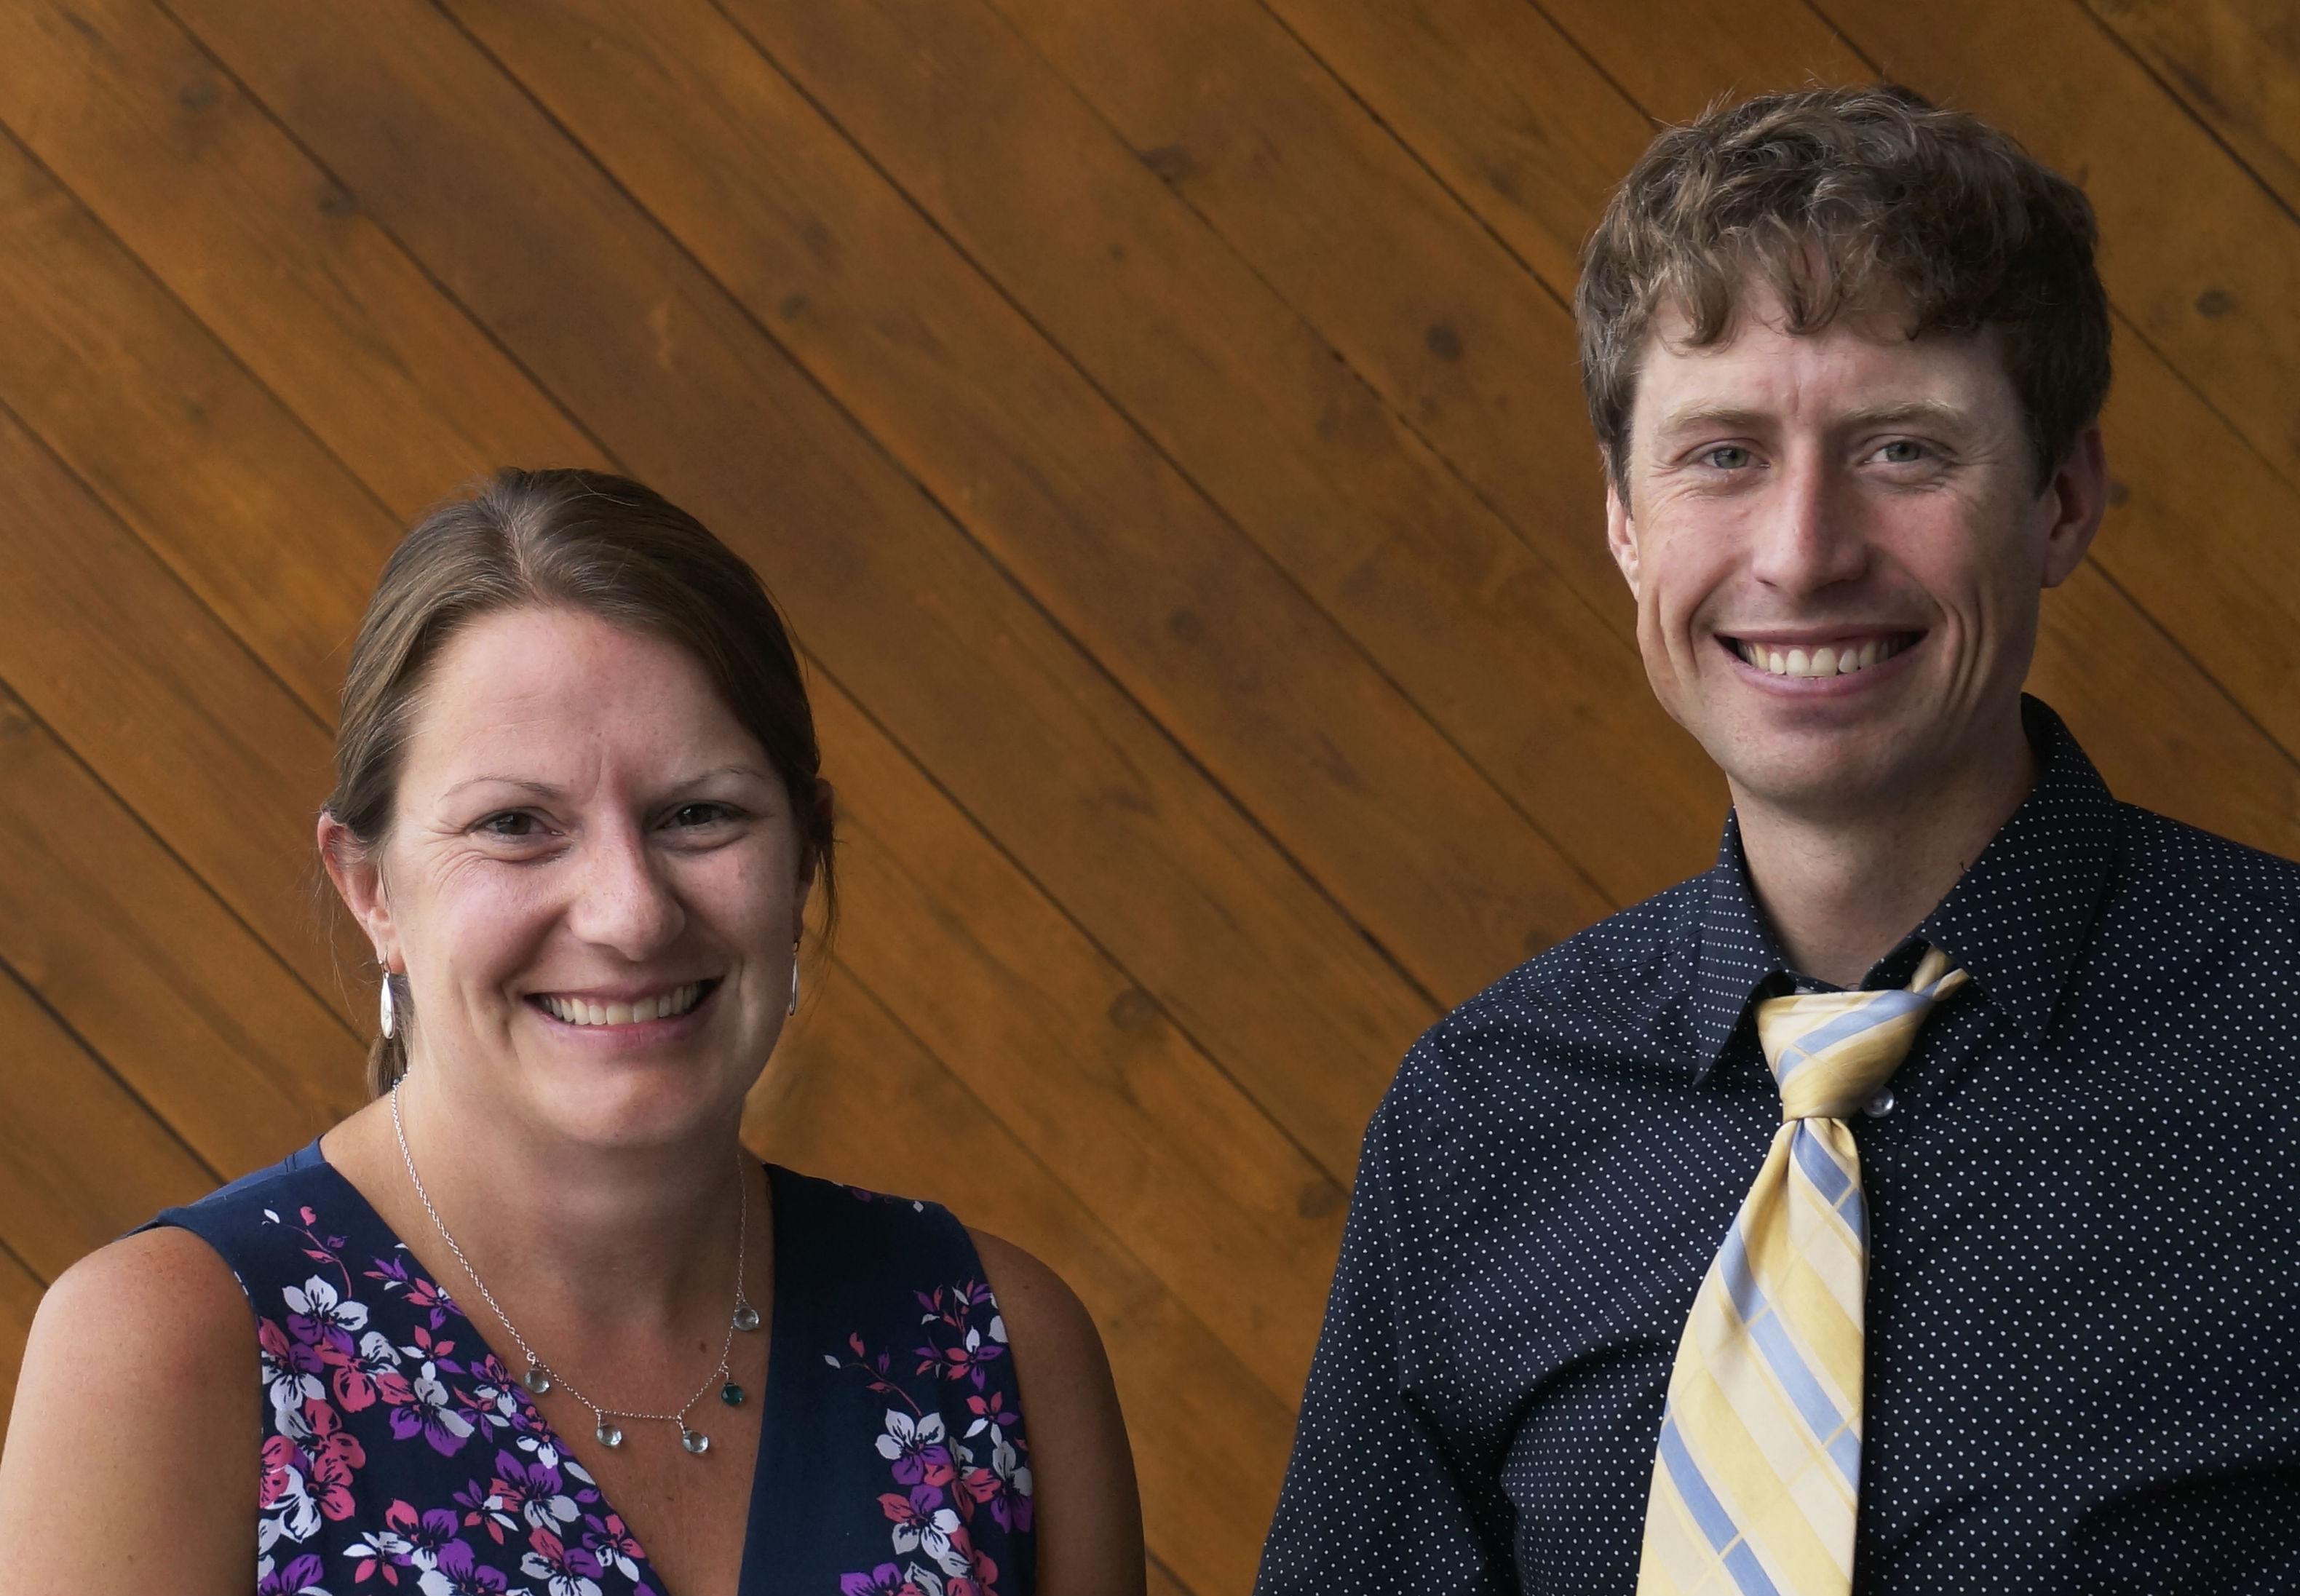 Photo: Colorado educators teaching 9-11 curriculum